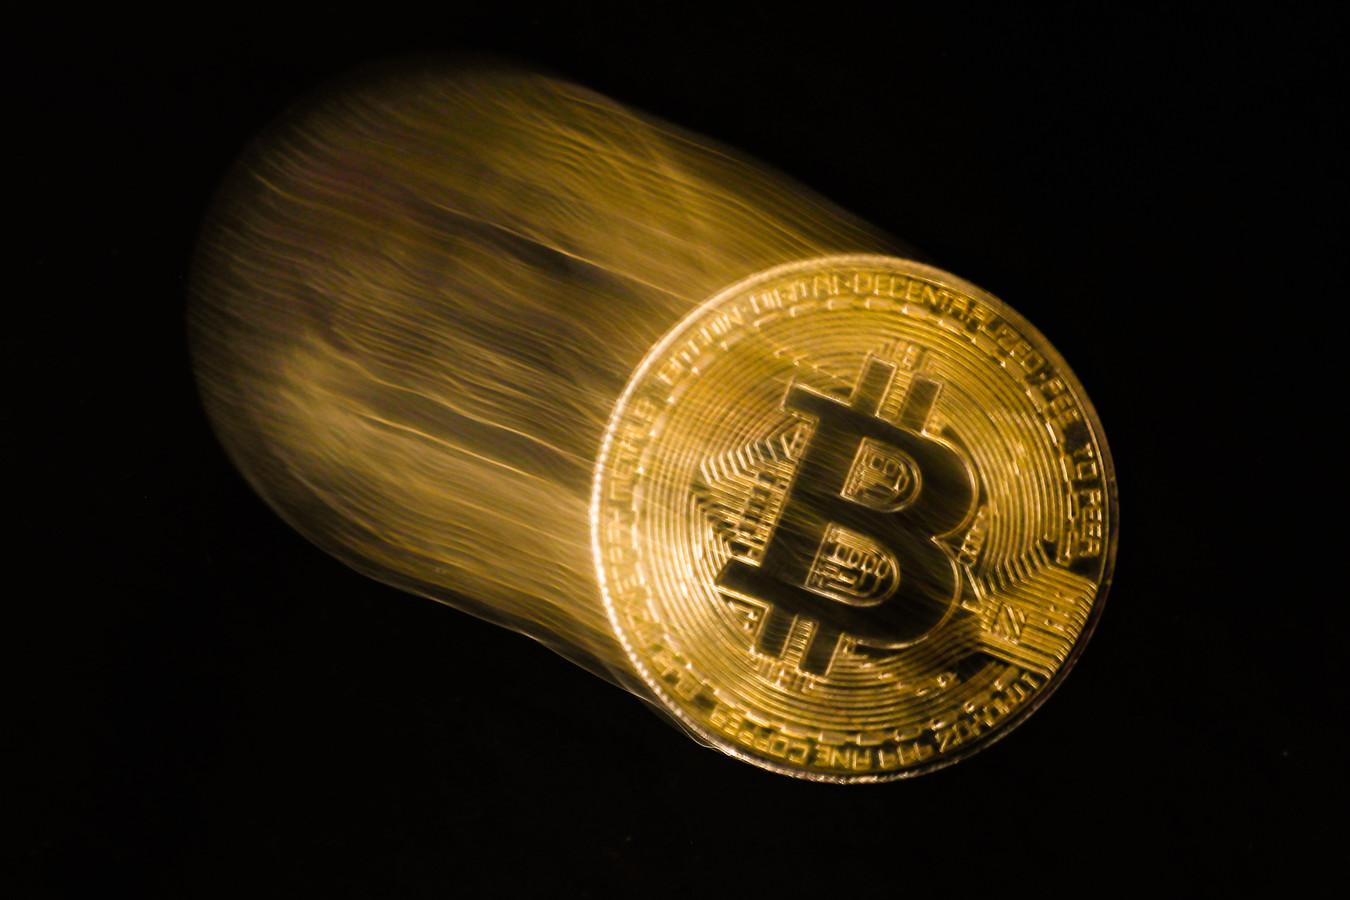 Bitcoin bestaat alleen digitaal, maar wordt vaak verbeeld als fysieke munt.